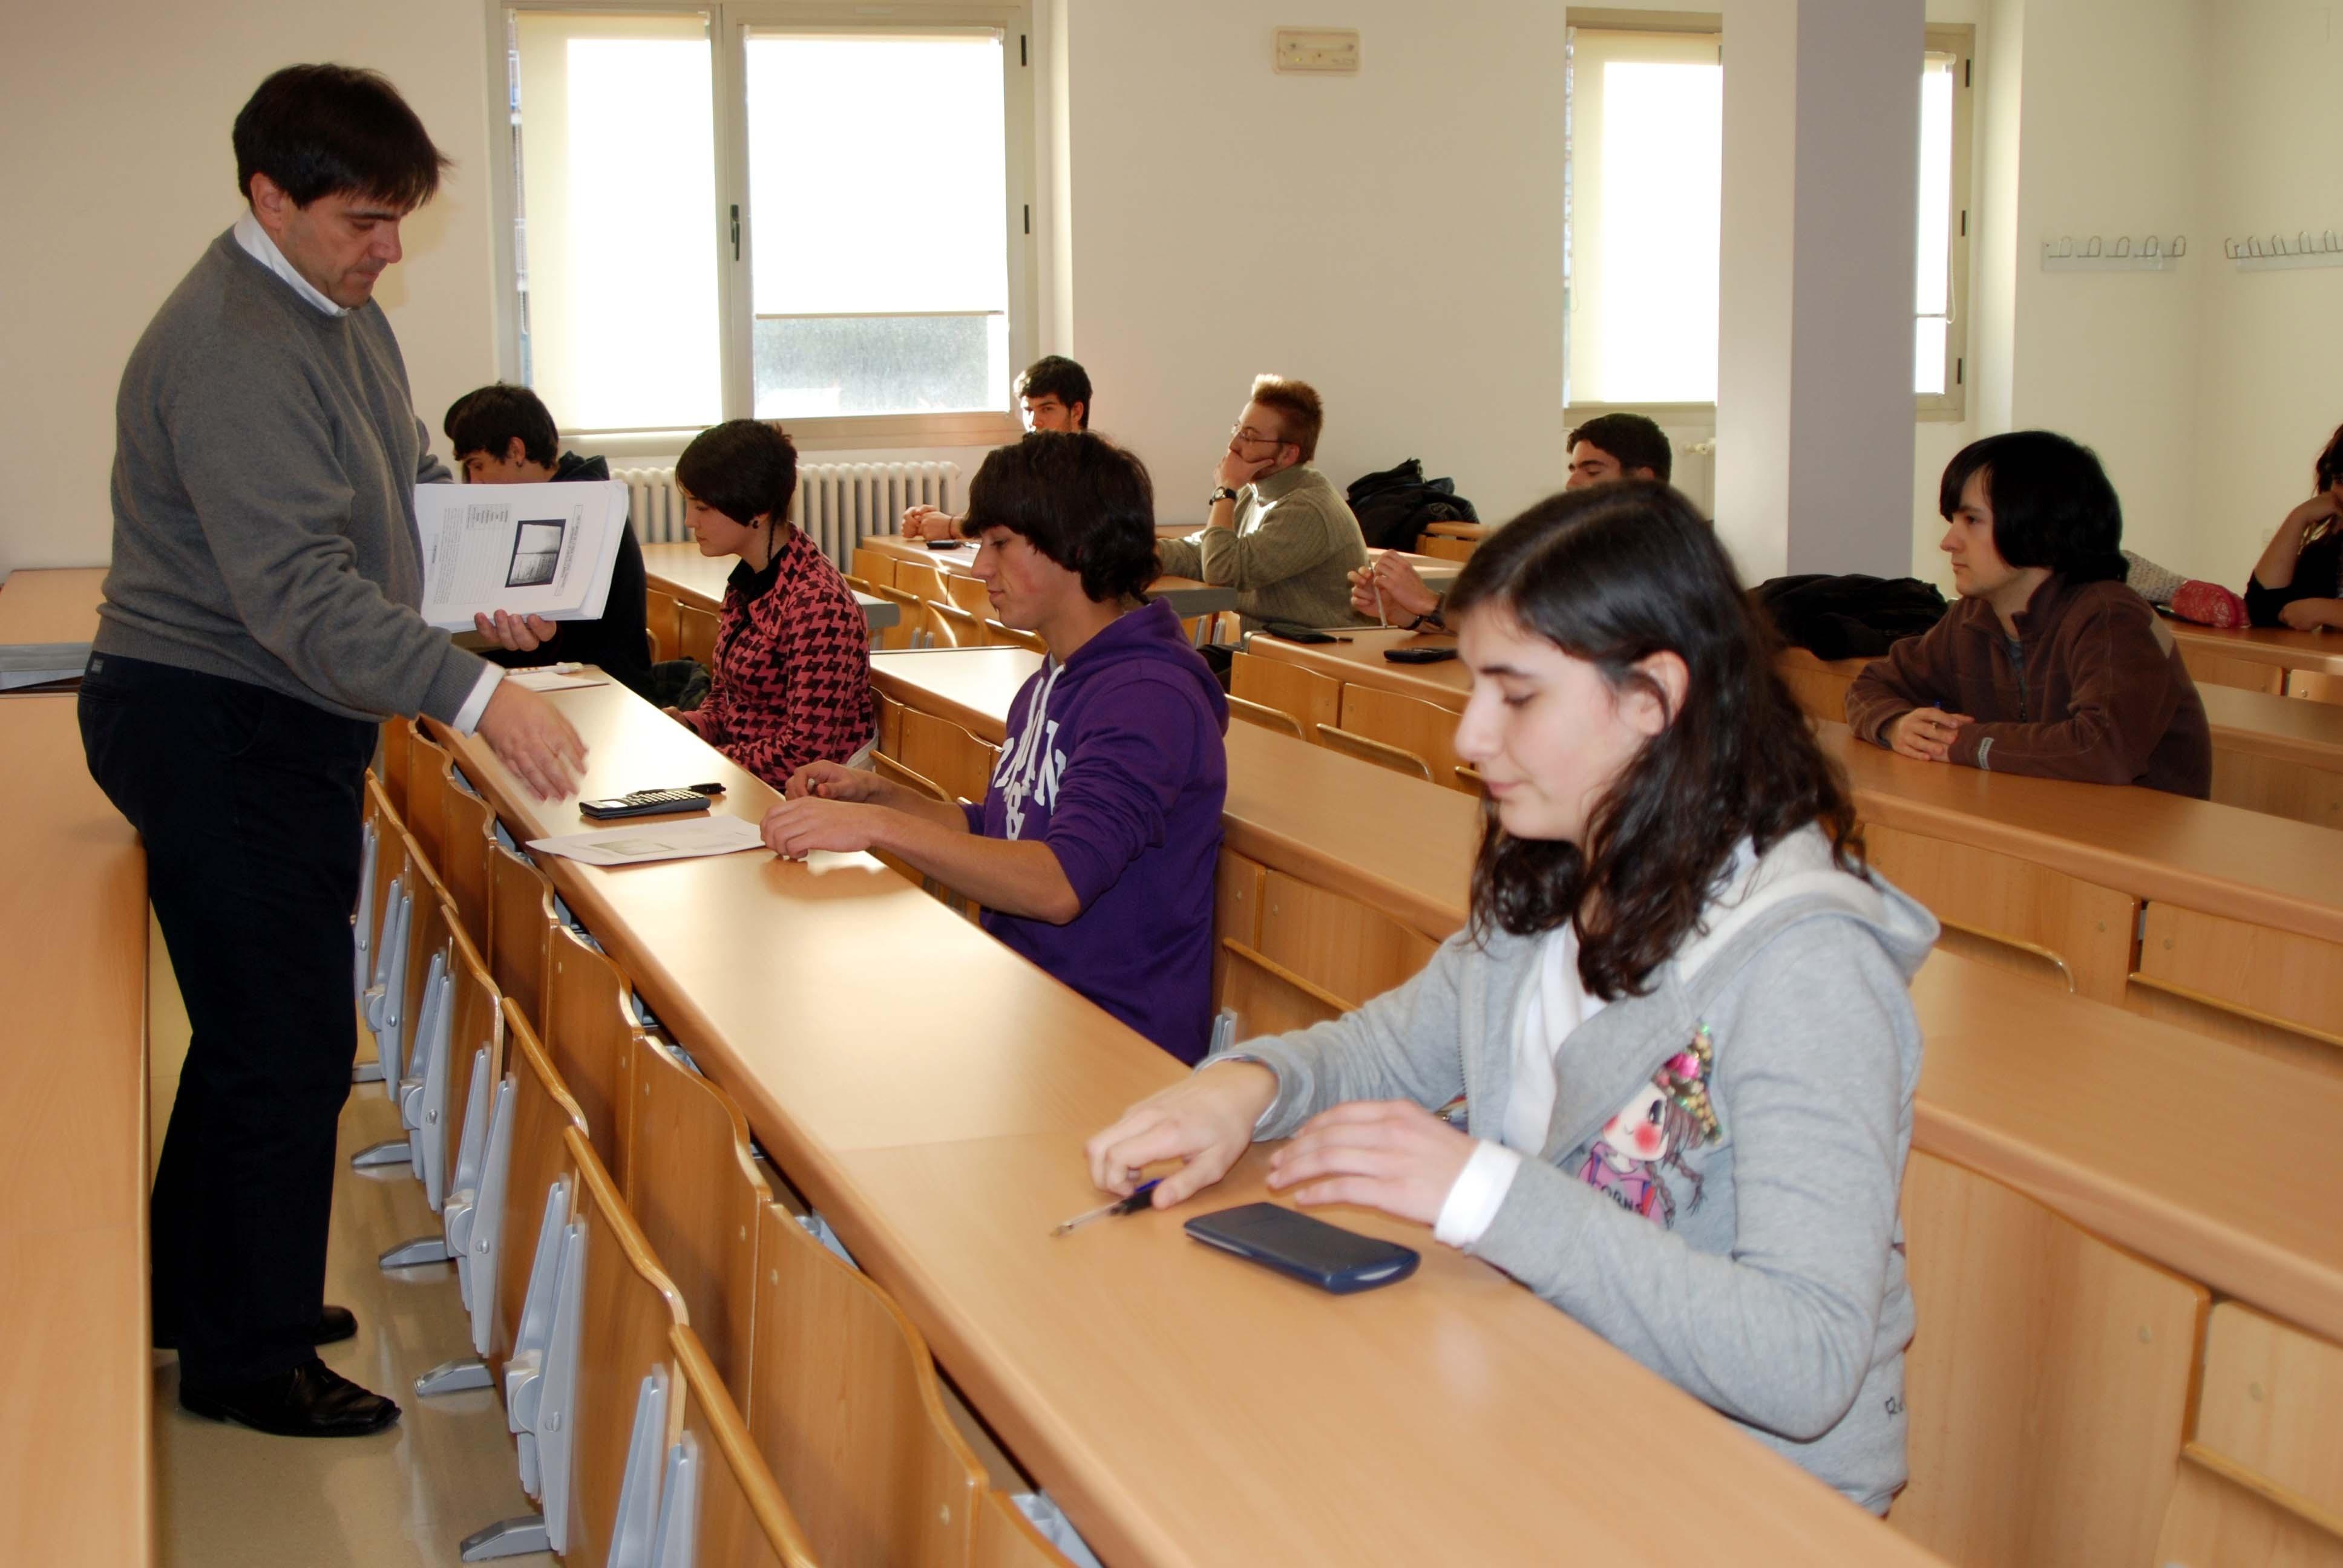 Educación convoca 9 plazas para supervisores pedagógicos de actividades de lengua extranjera para ESO y Bachillerato